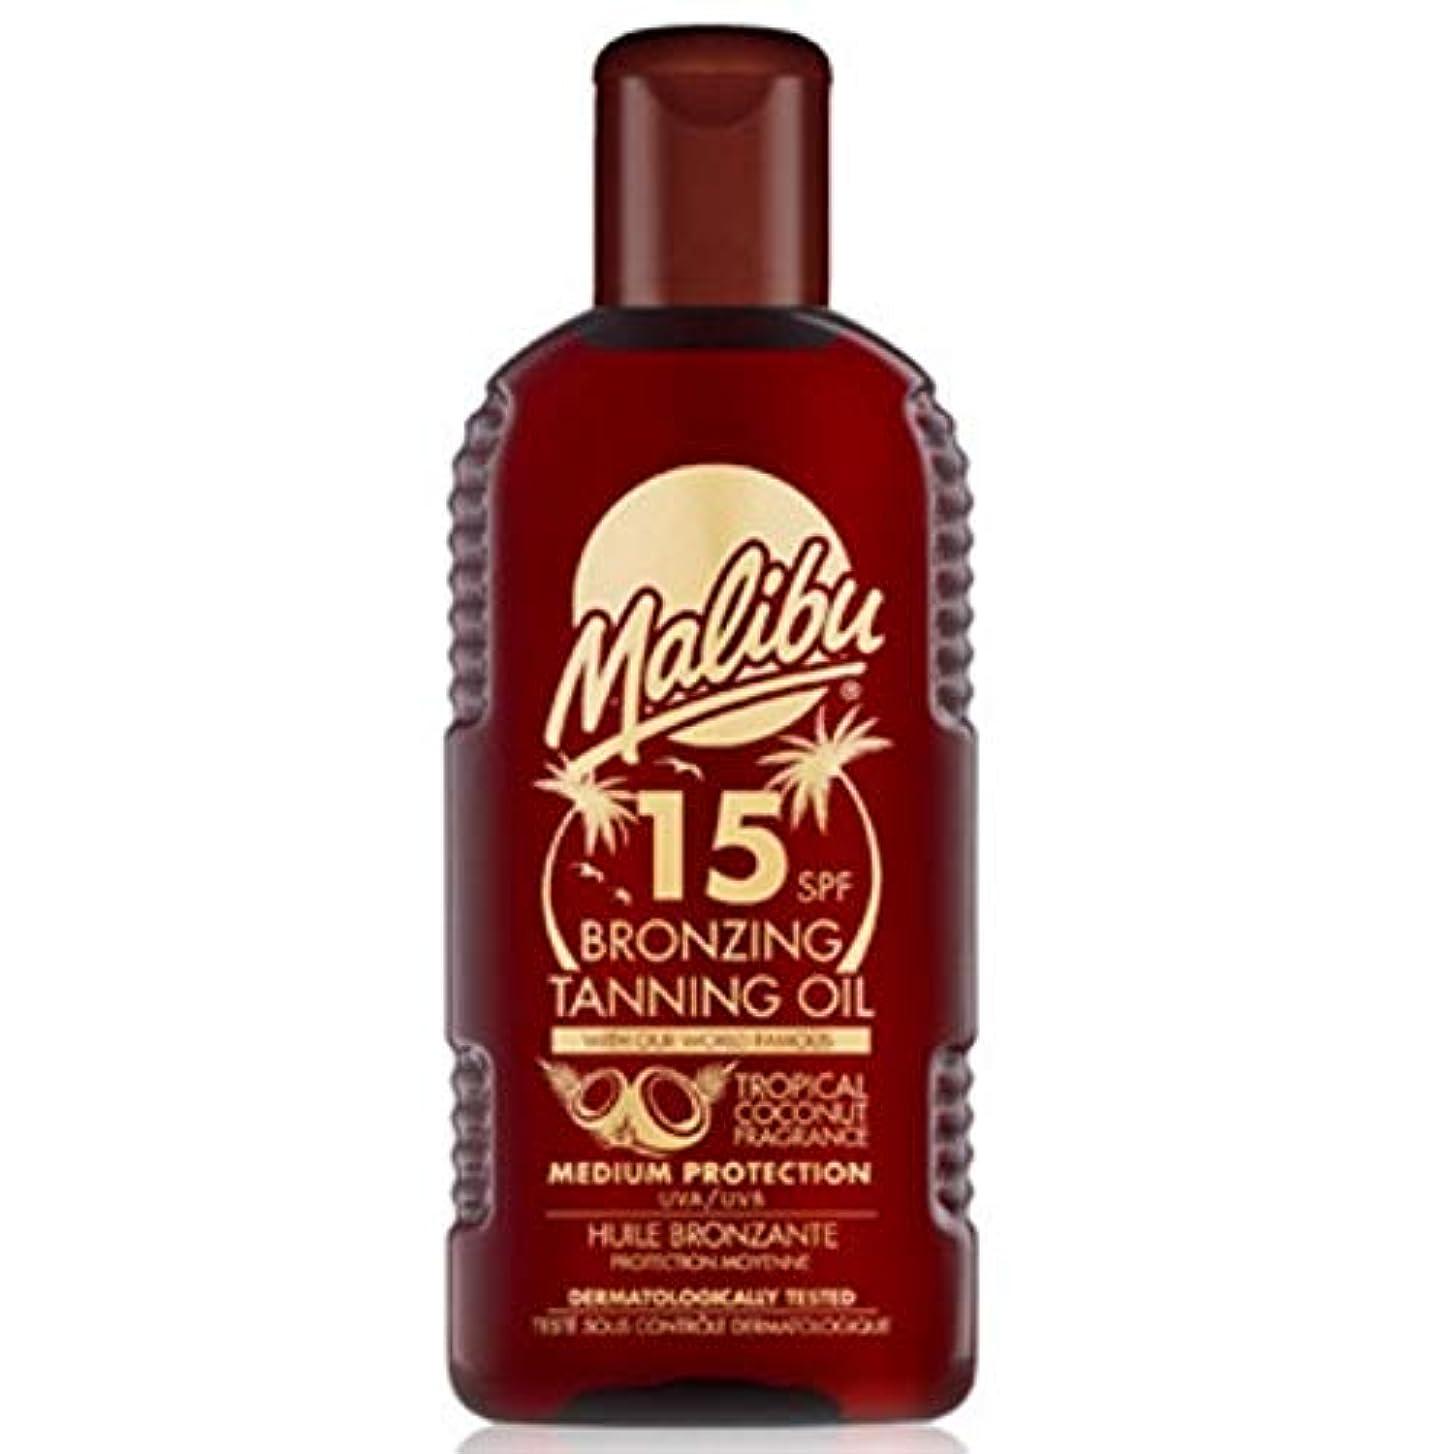 アンタゴニスト極貧今日[Malibu ] マリブブロンズ日焼けオイルSpf 15 - Malibu Bronzing Tanning Oil SPF 15 [並行輸入品]